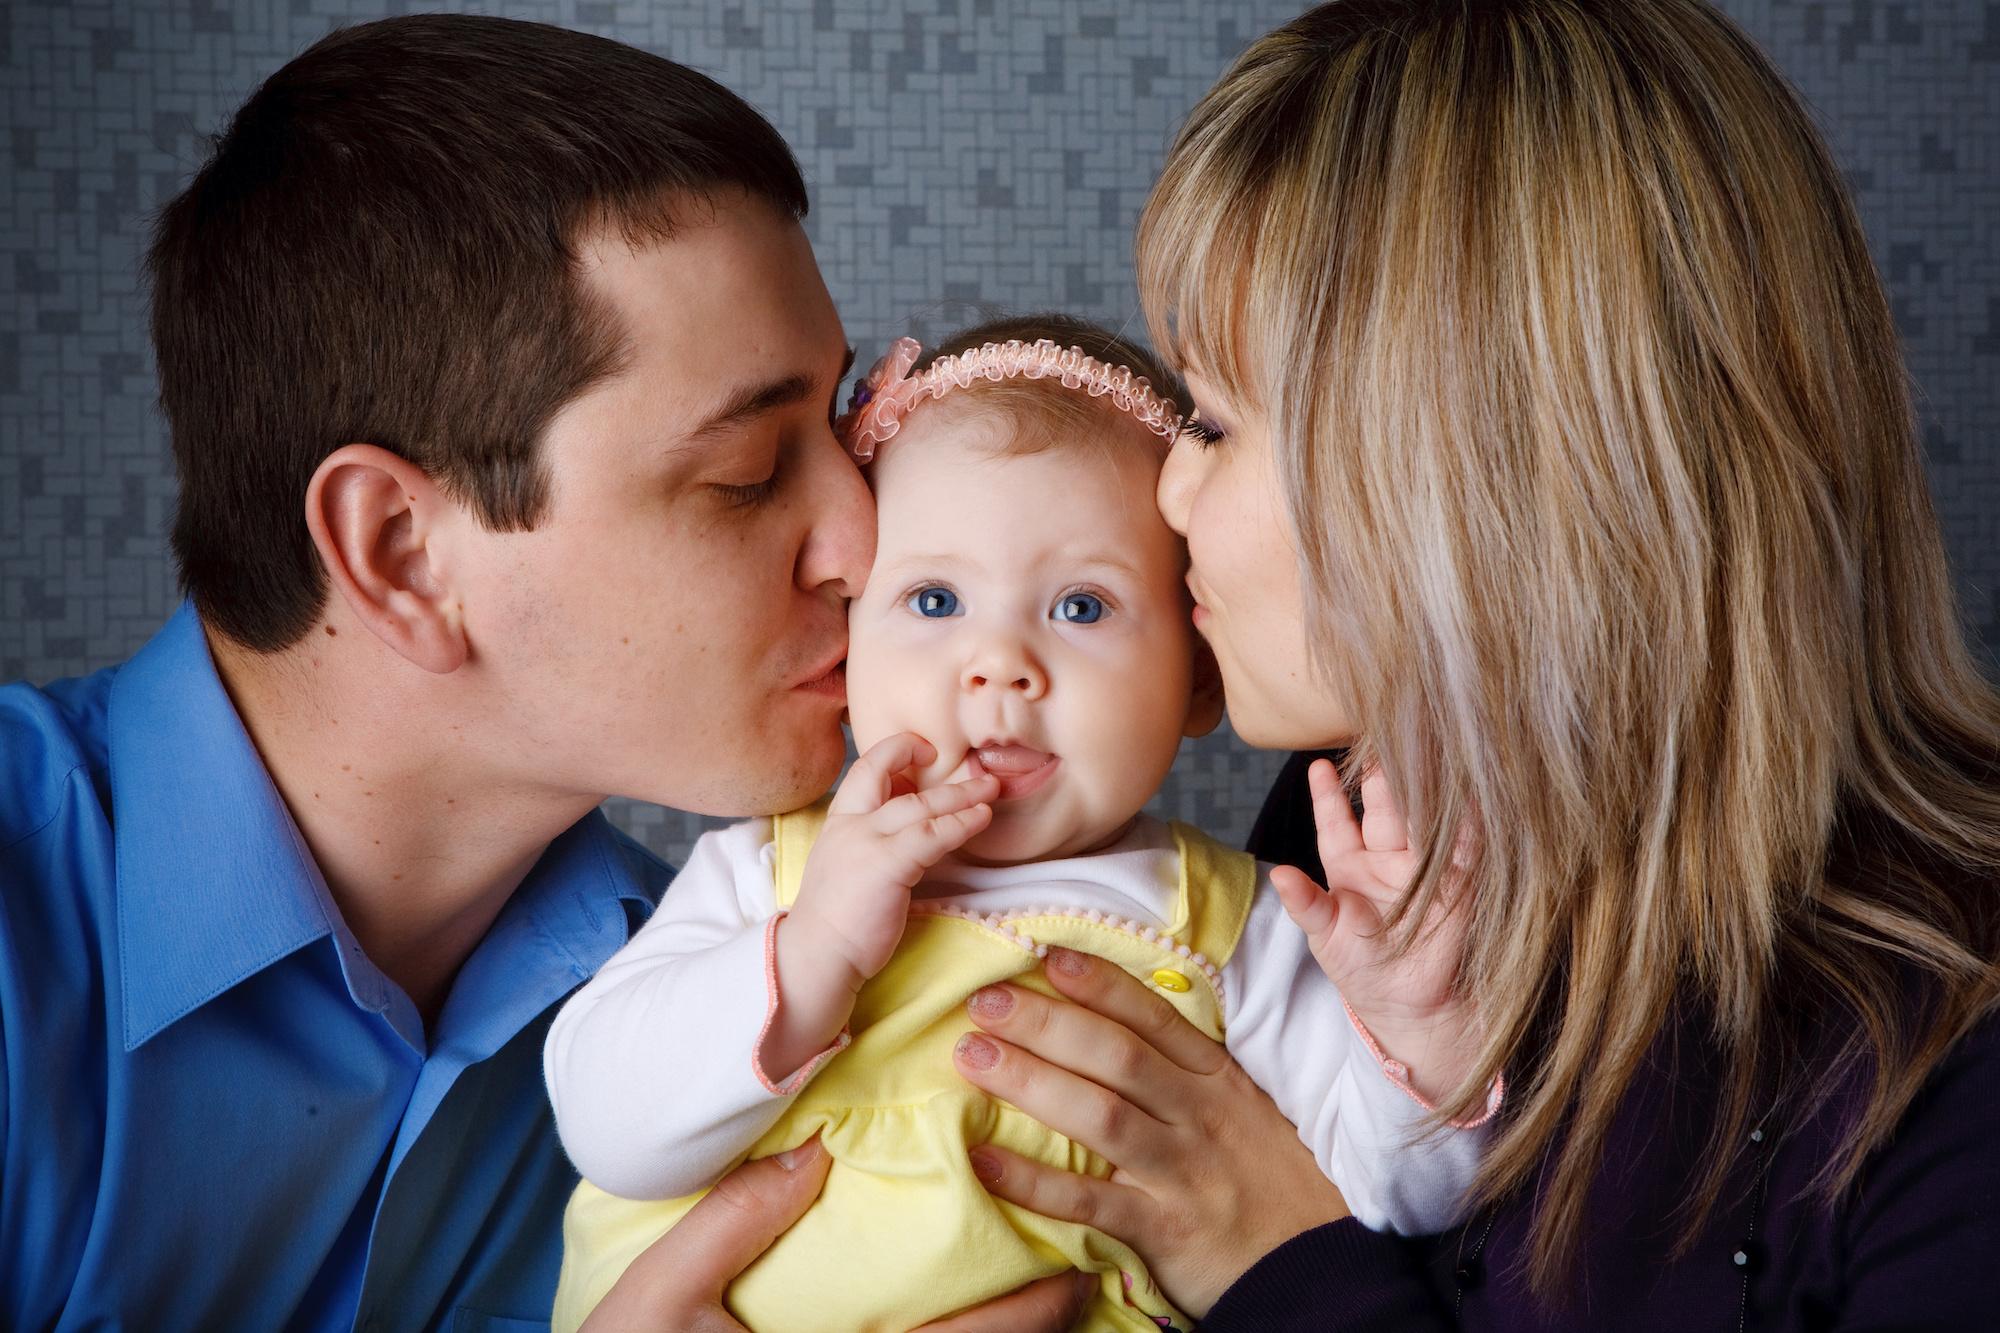 Spanish couple kissing cheeks of baby they conceived through IVF | Los Expertos en Fertilidad desde hace casi 30 años en el área de la bahía | RSC Bay Area